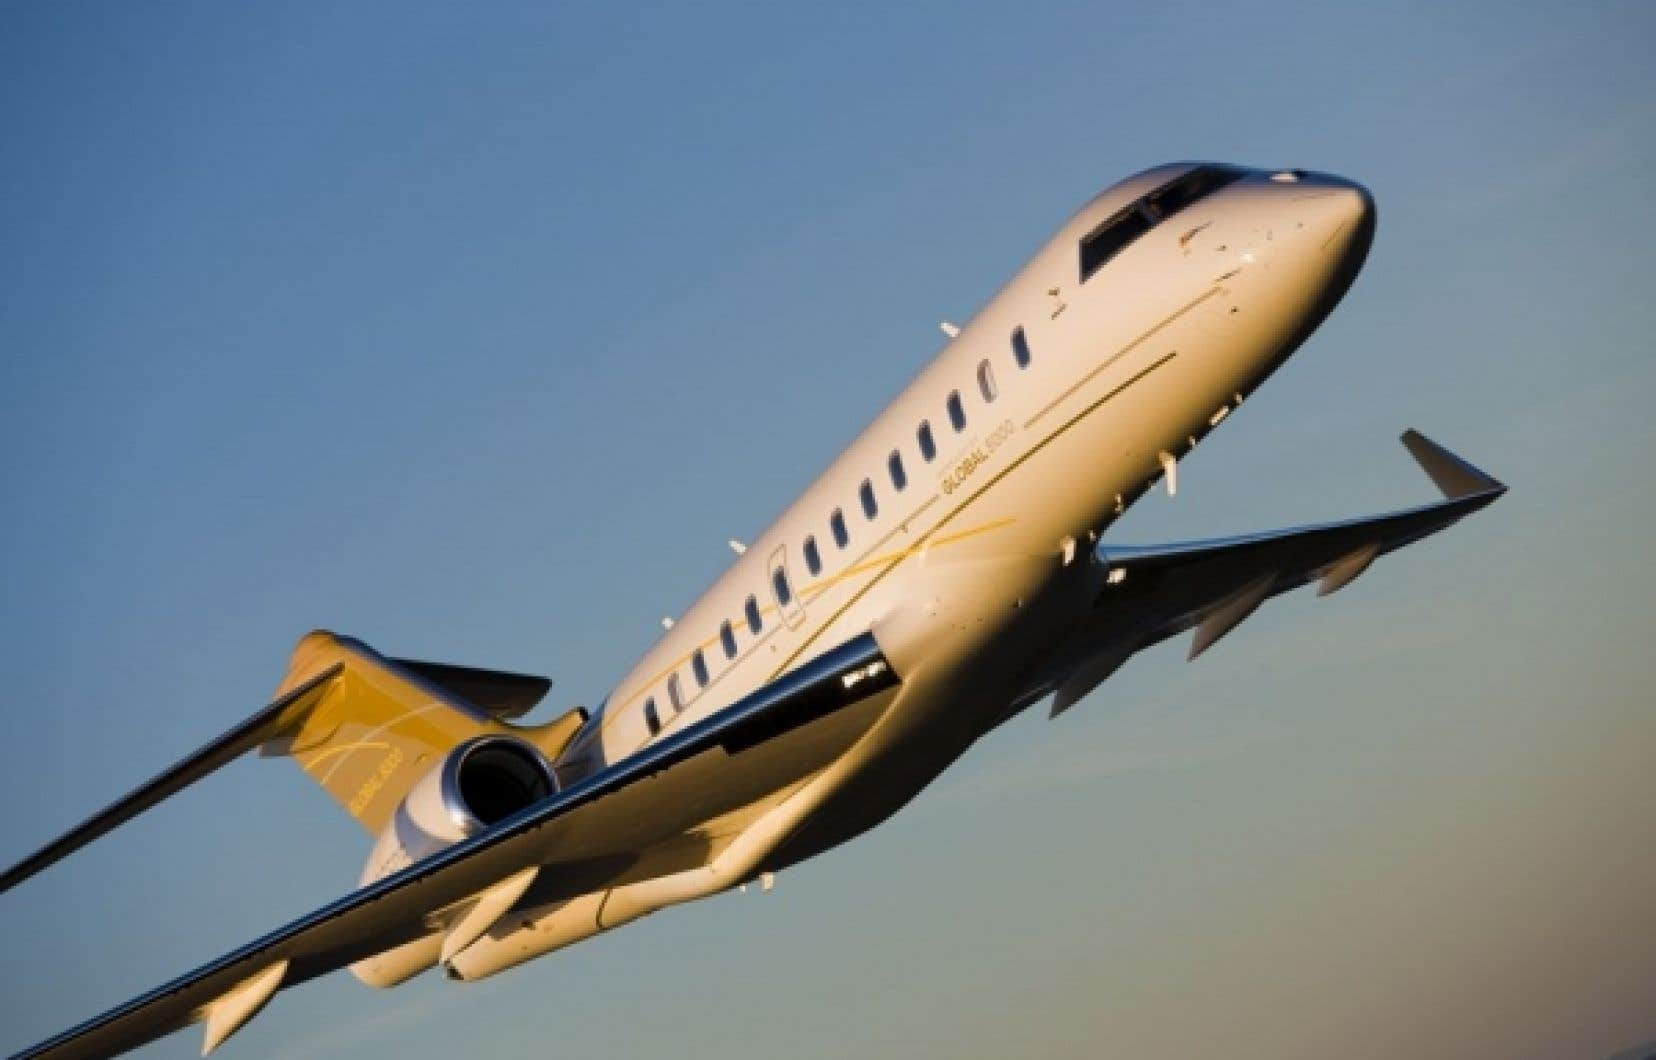 La commande ferme comprend, entre autres appareils, 25 avions Global 5000.